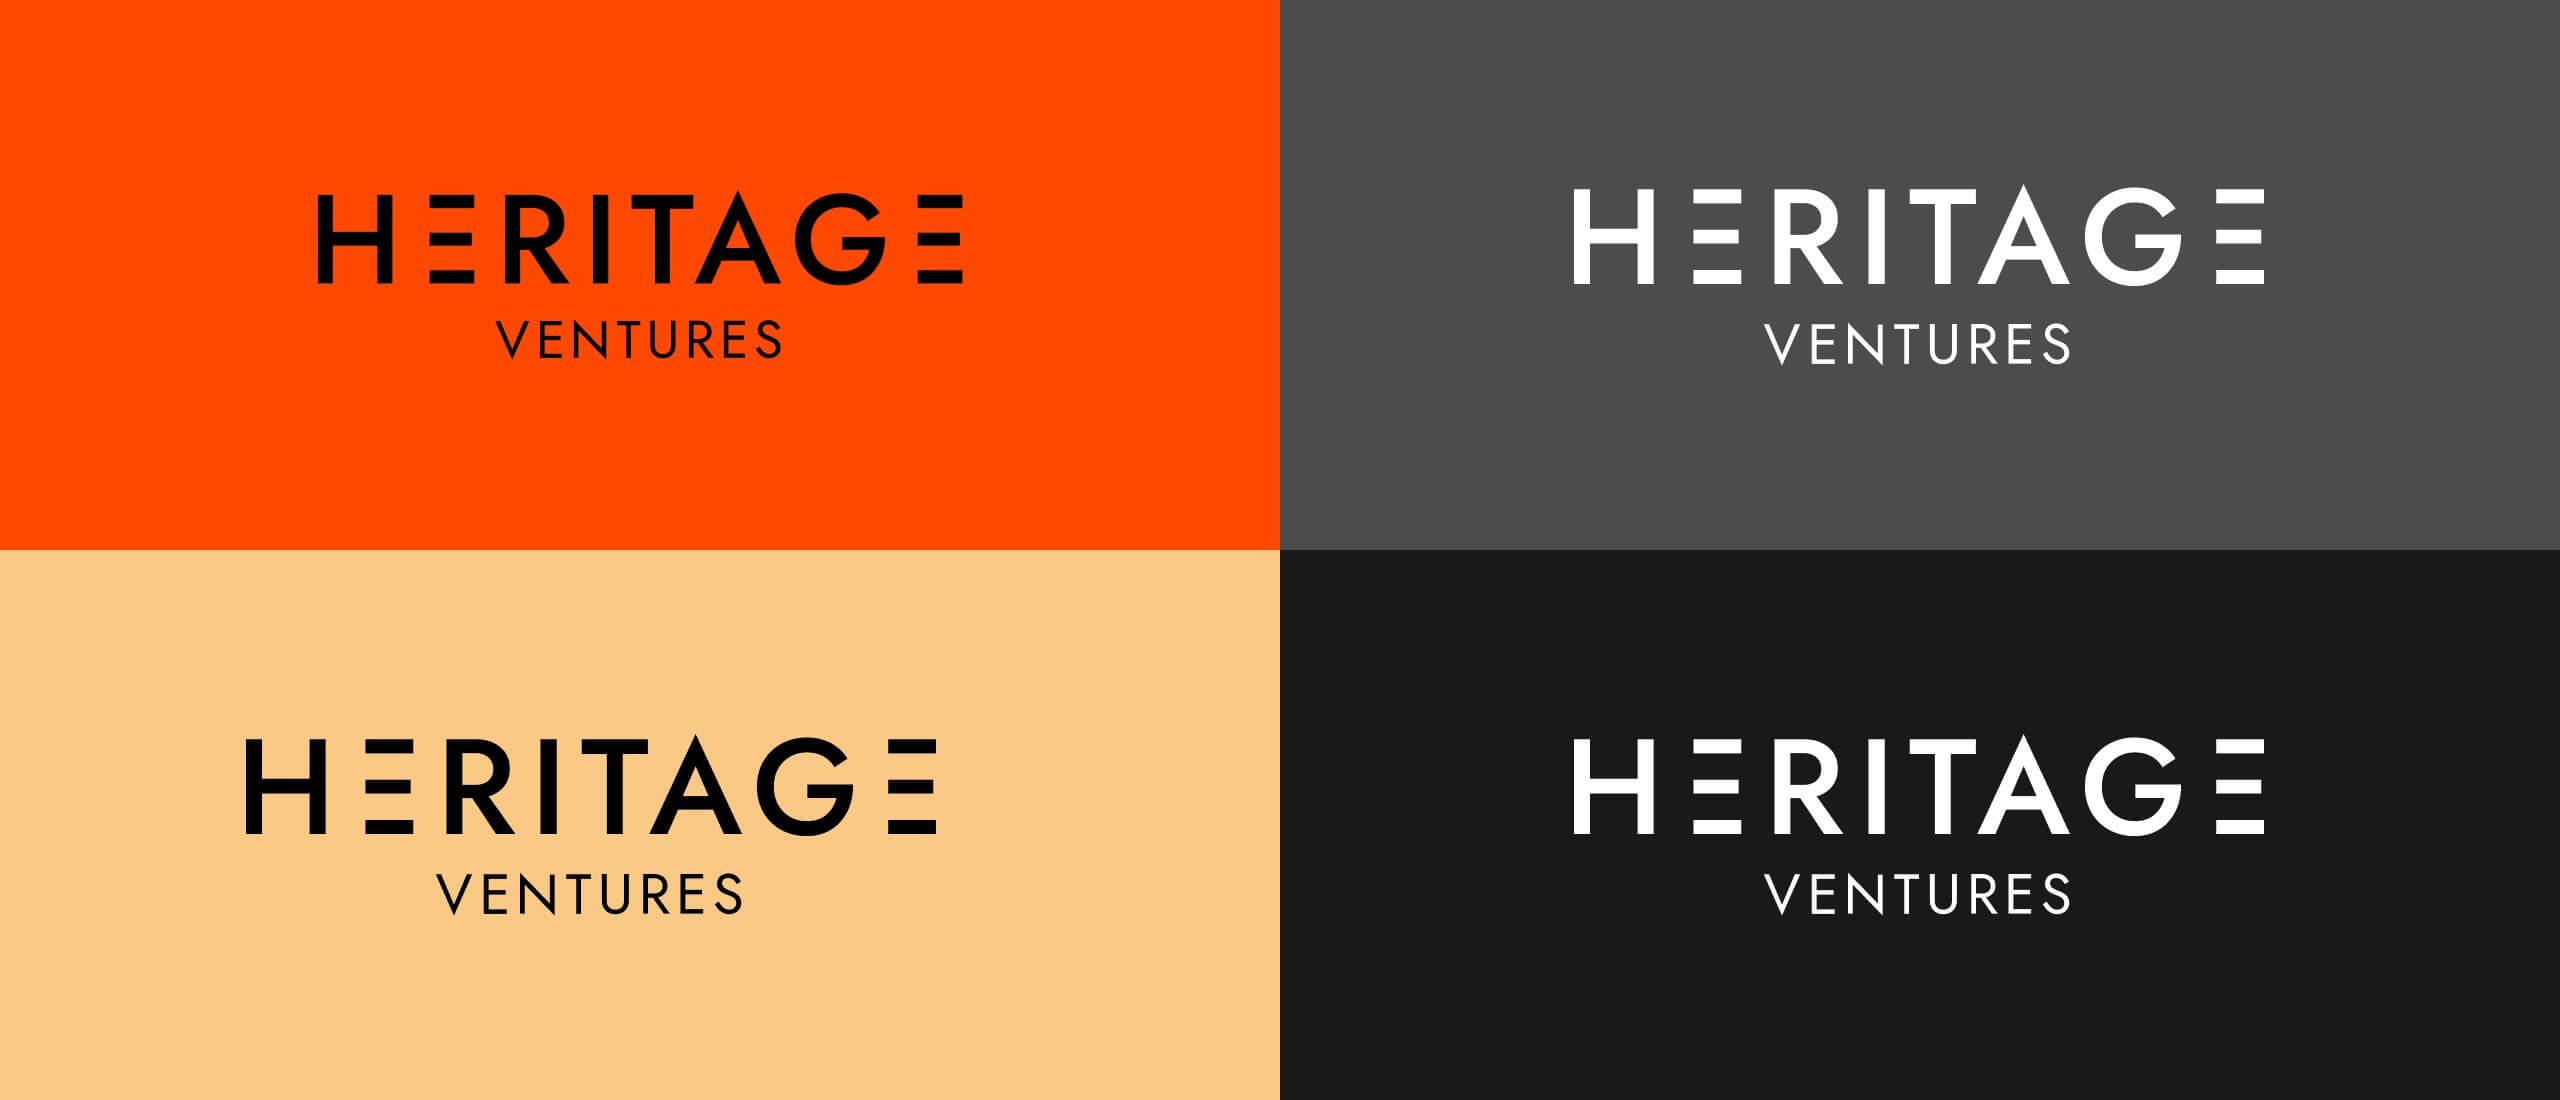 Group 2113 1 Heritage Ventures 5 Baasbox